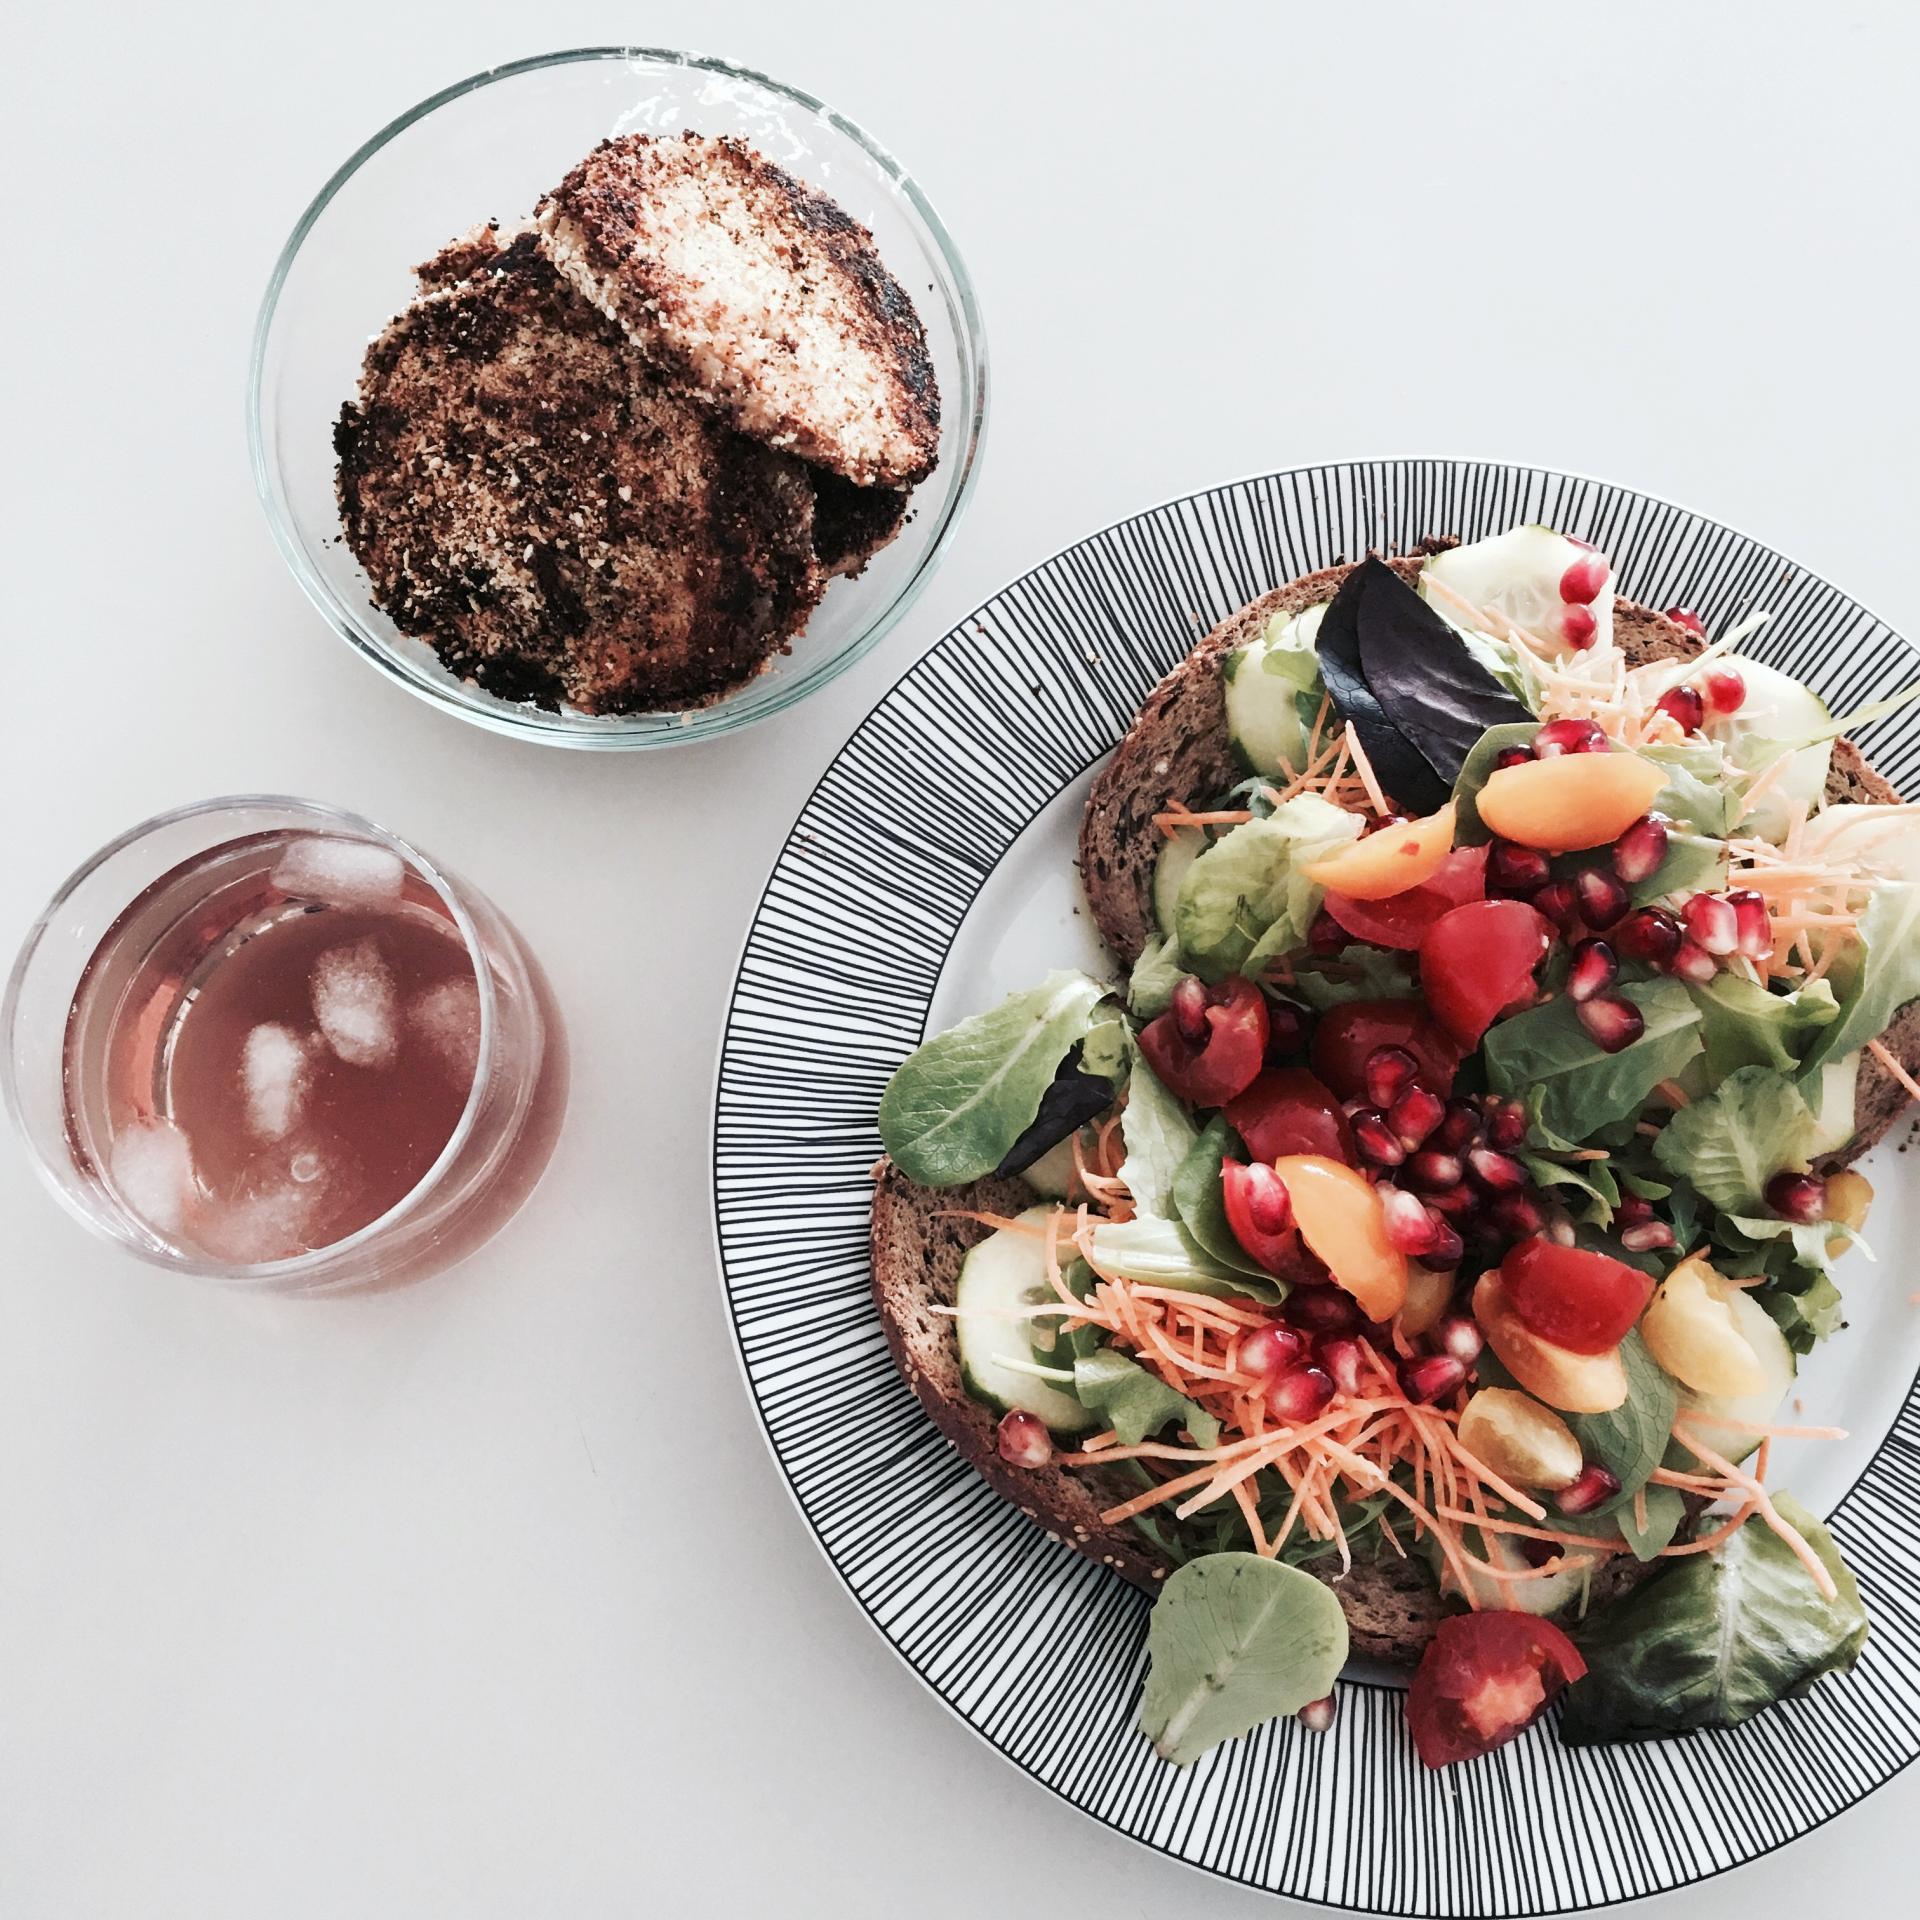 Une semaine dans mon assiette - Défi Vegan 7 jours 12